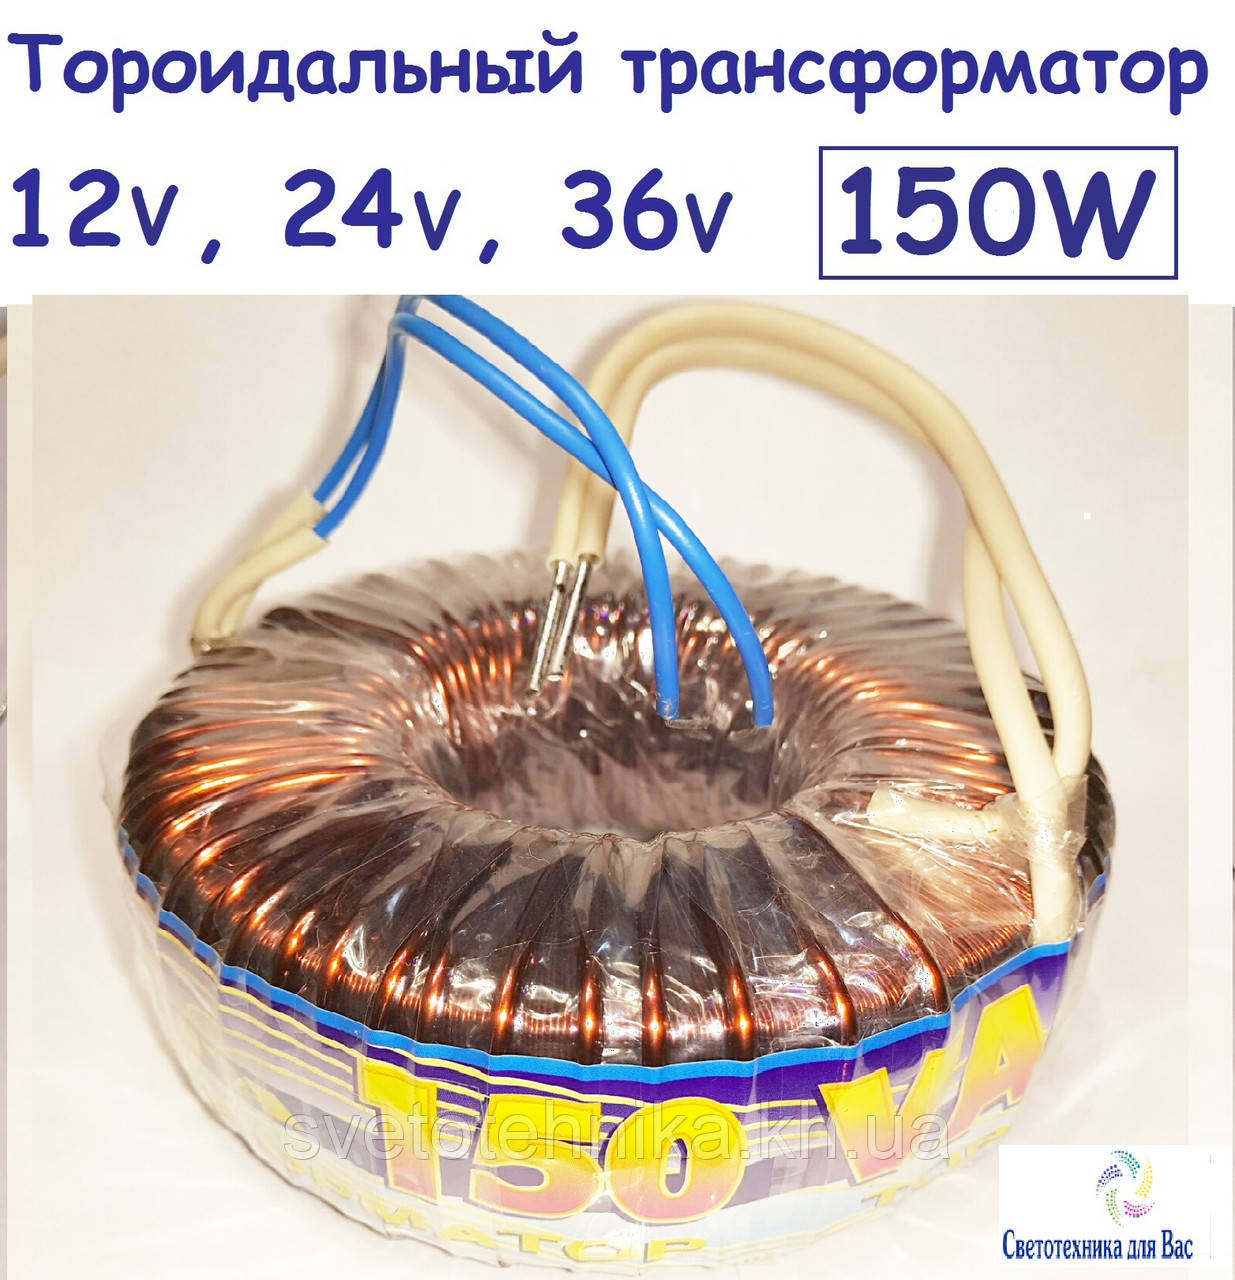 """Тороїдальний трансформатор понижуючий """"Елста"""" ТТ 150W 220/12V для галогенових ламп"""